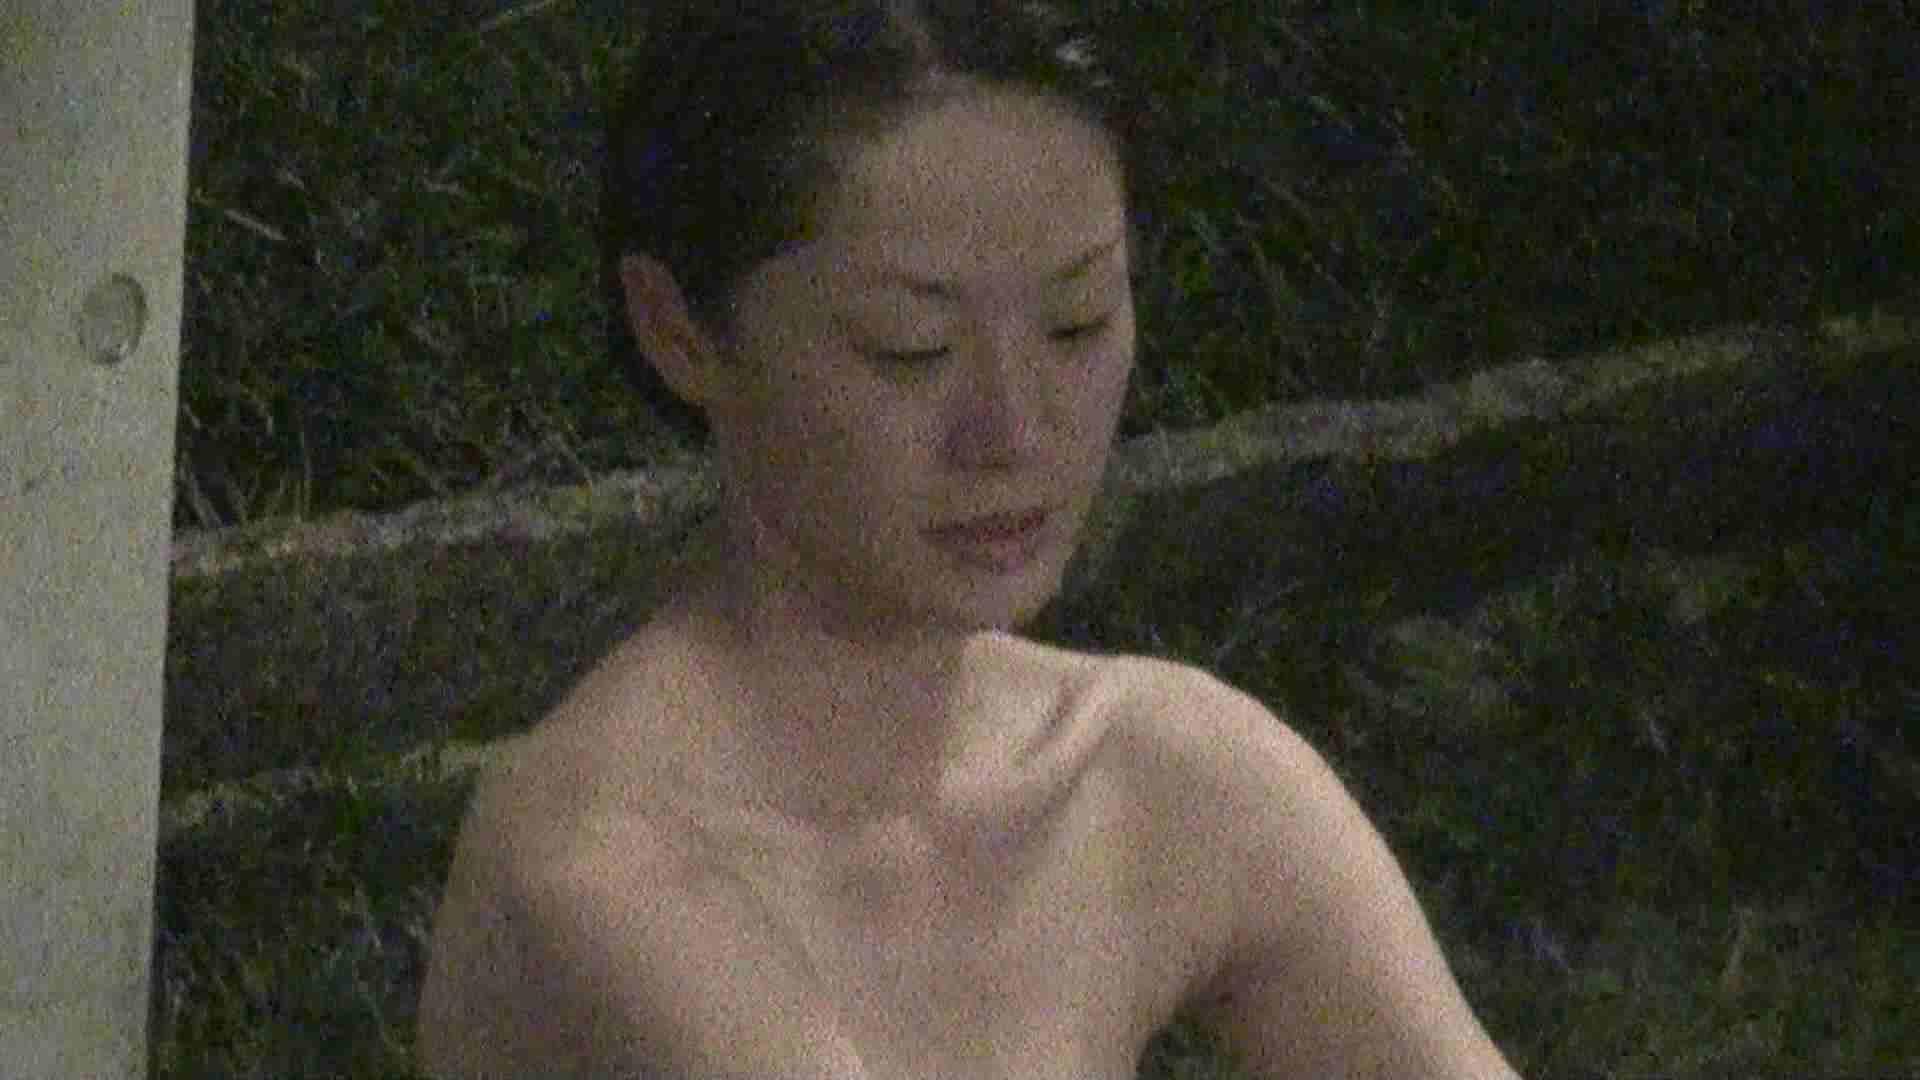 Aquaな露天風呂Vol.318 露天風呂突入 隠し撮りオマンコ動画紹介 105pic 50